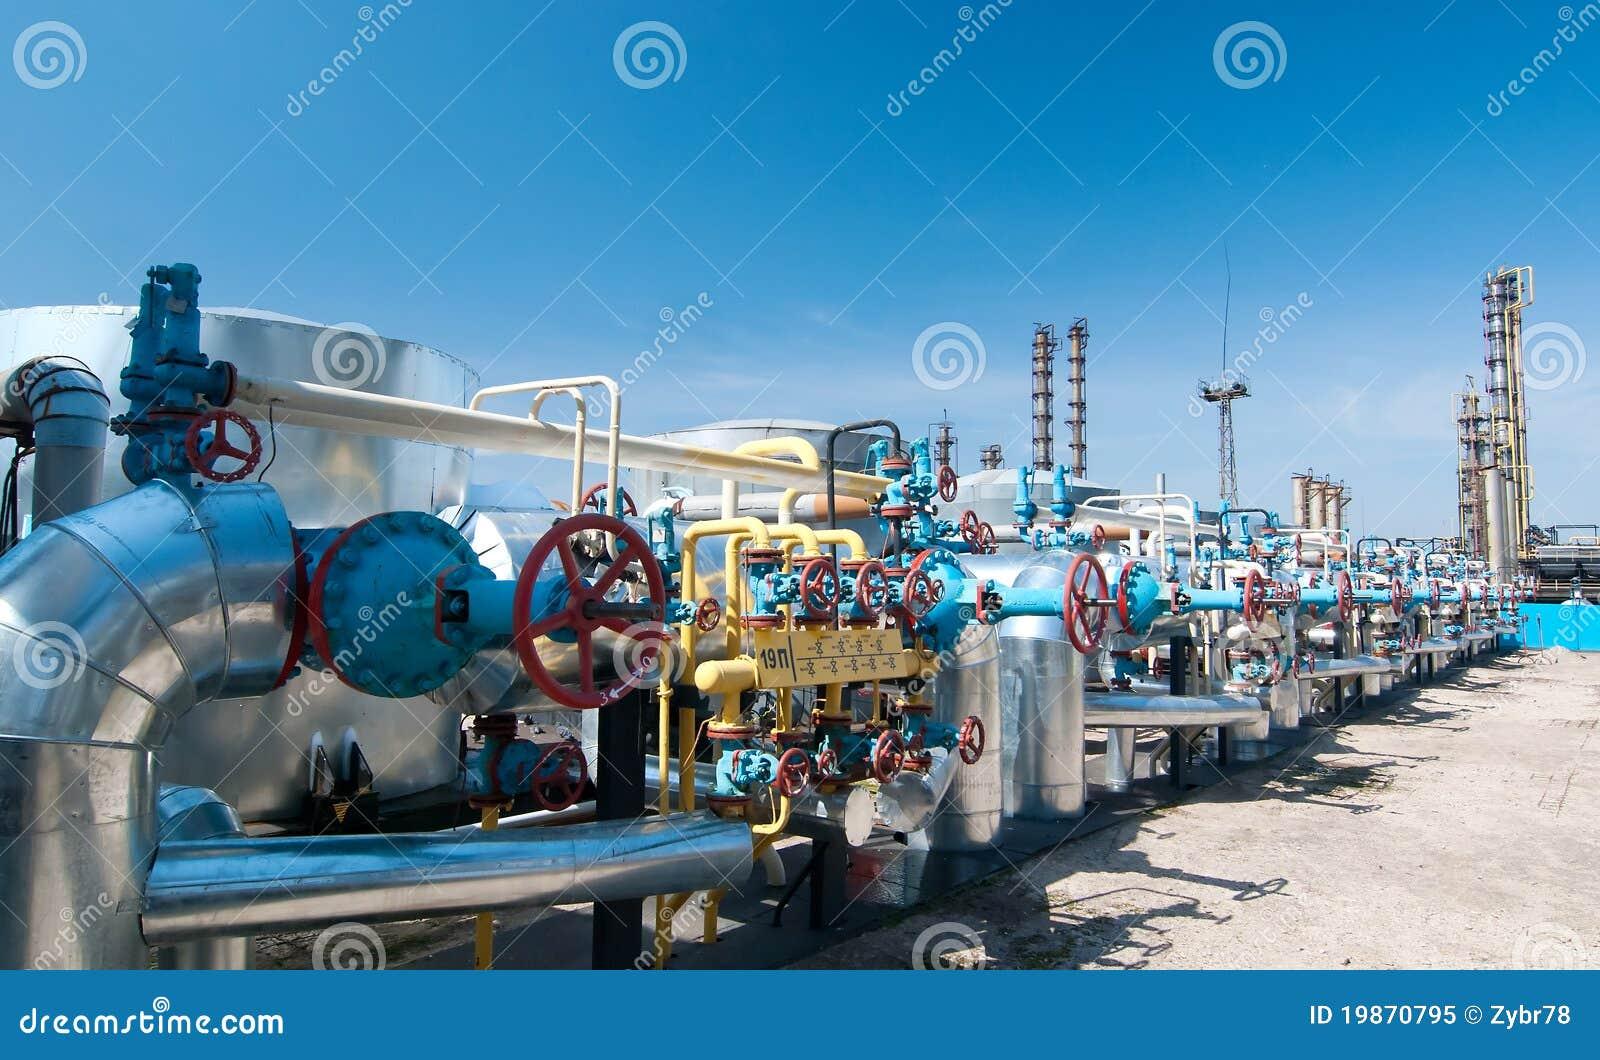 клапаны рядка газовой промышленности